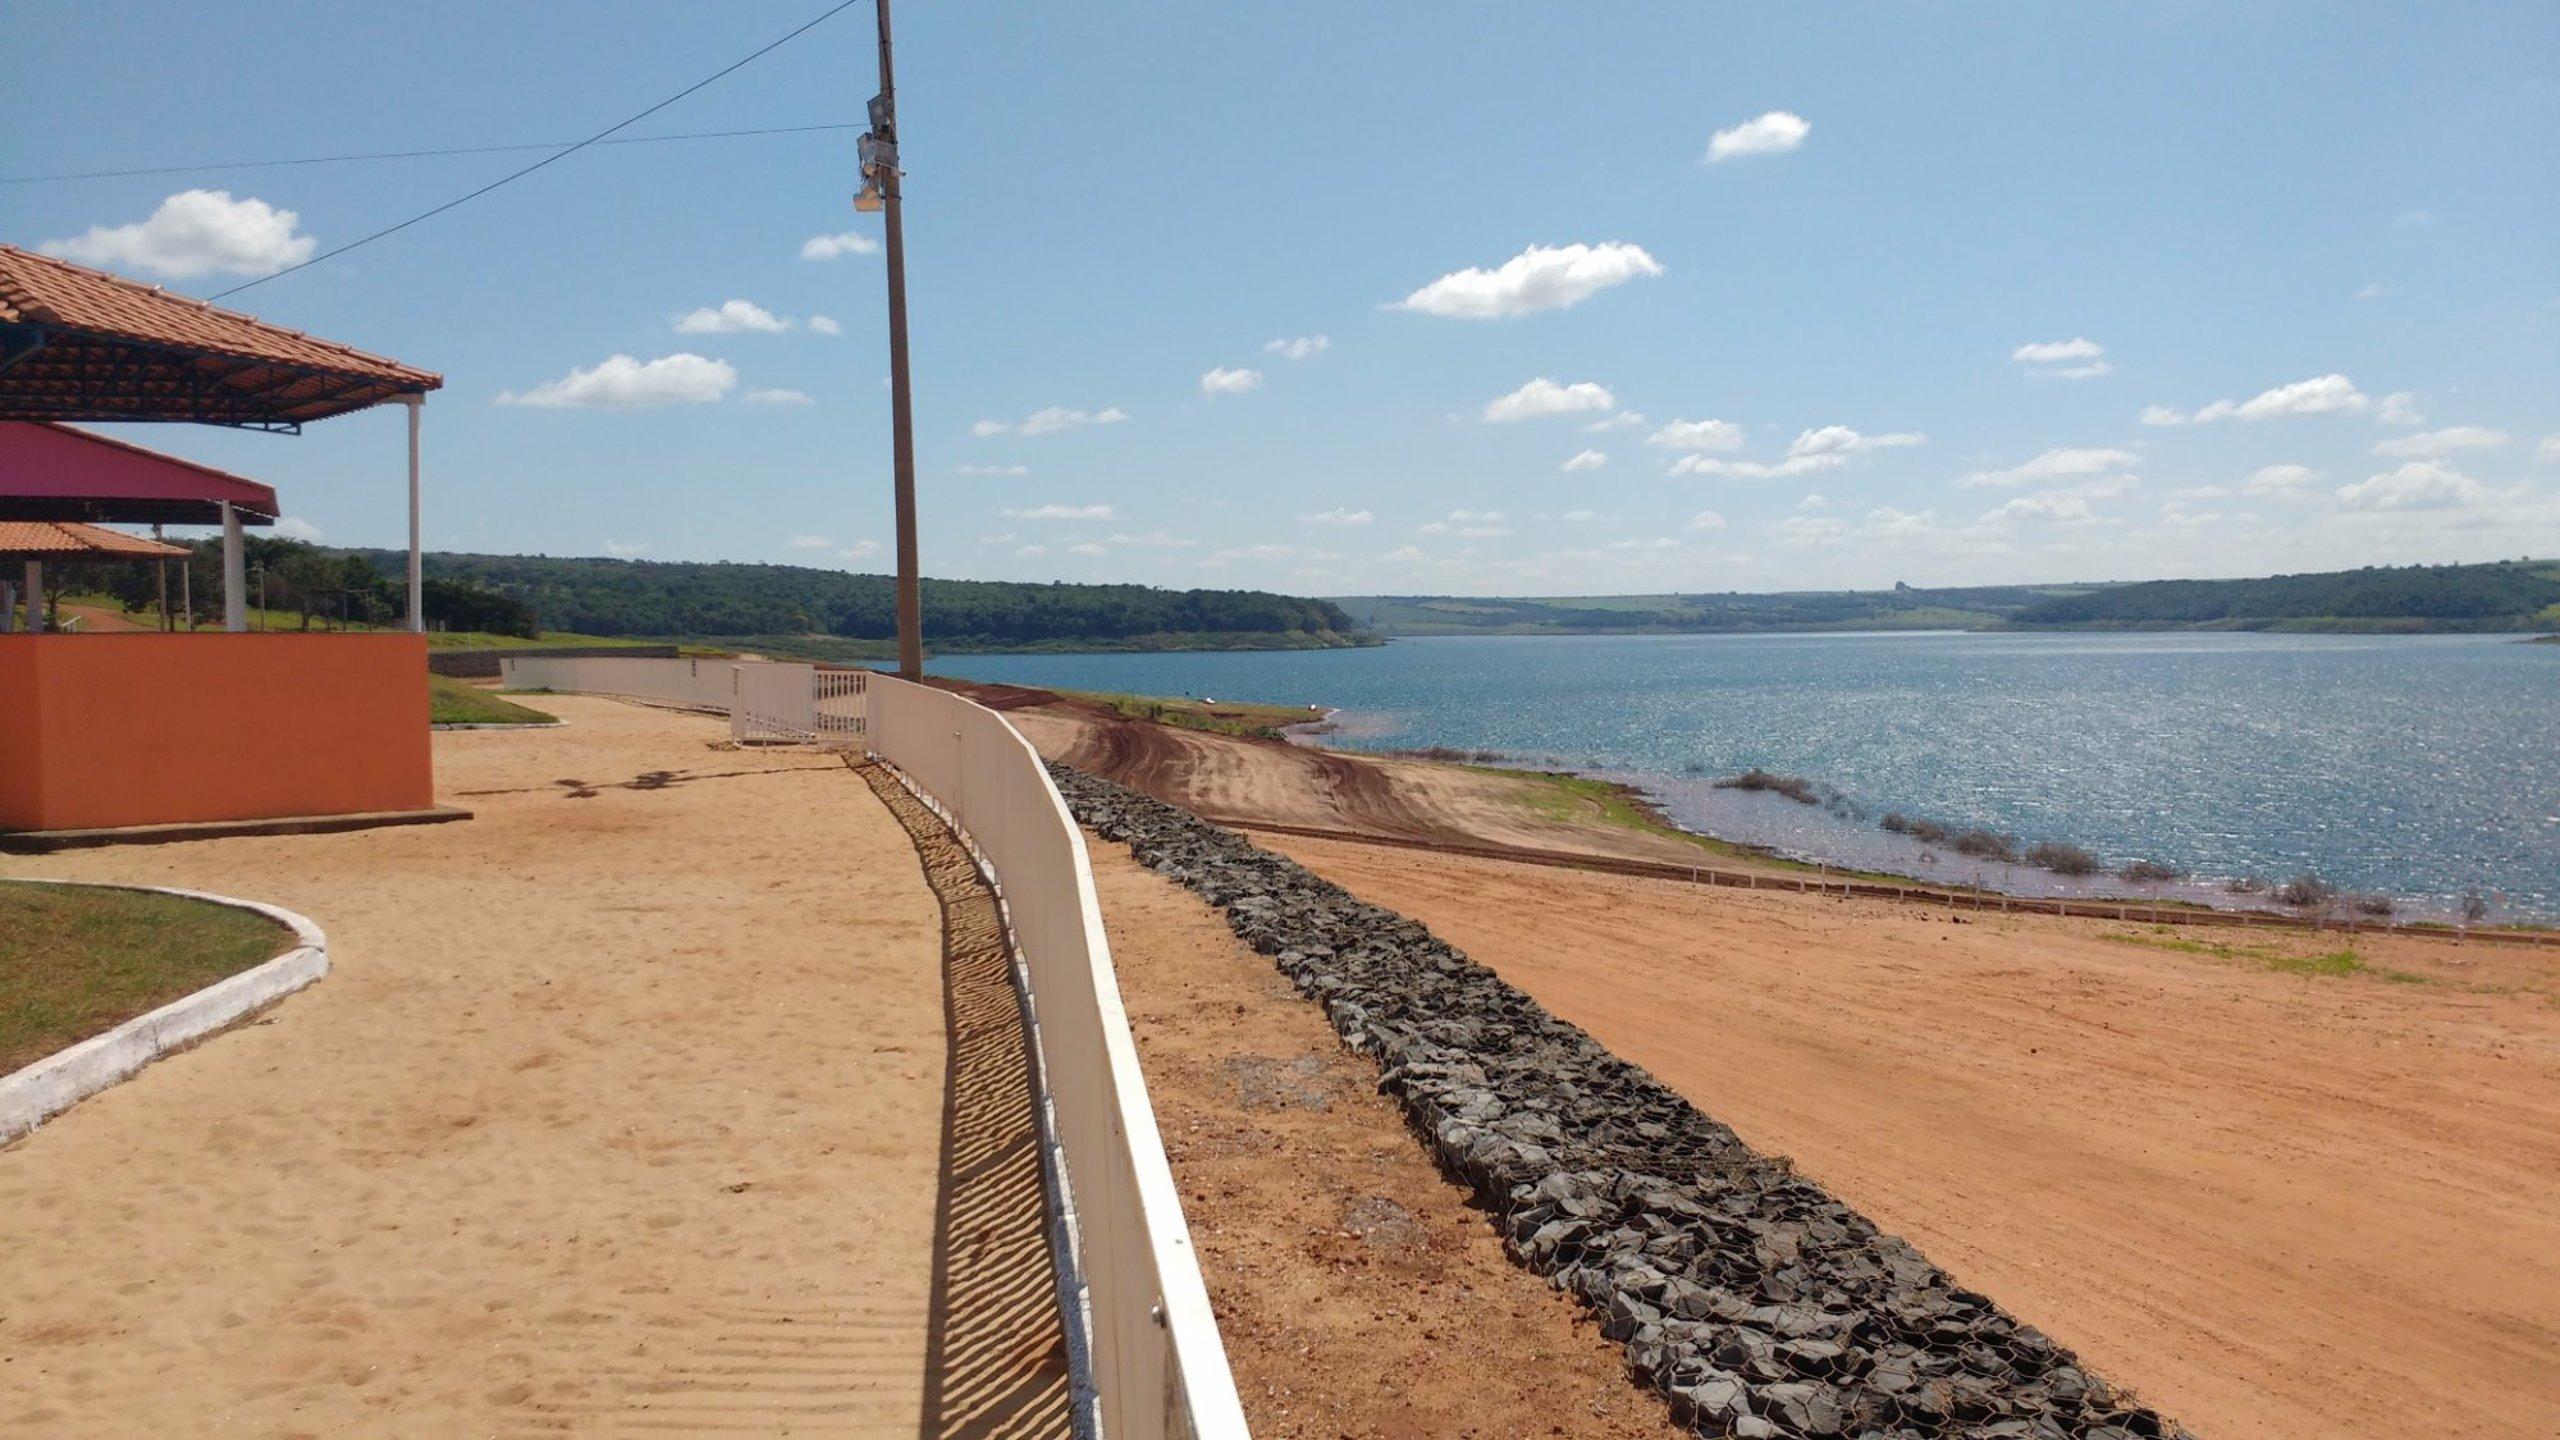 Nova Ponte Minas Gerais fonte: media-cdn.tripadvisor.com